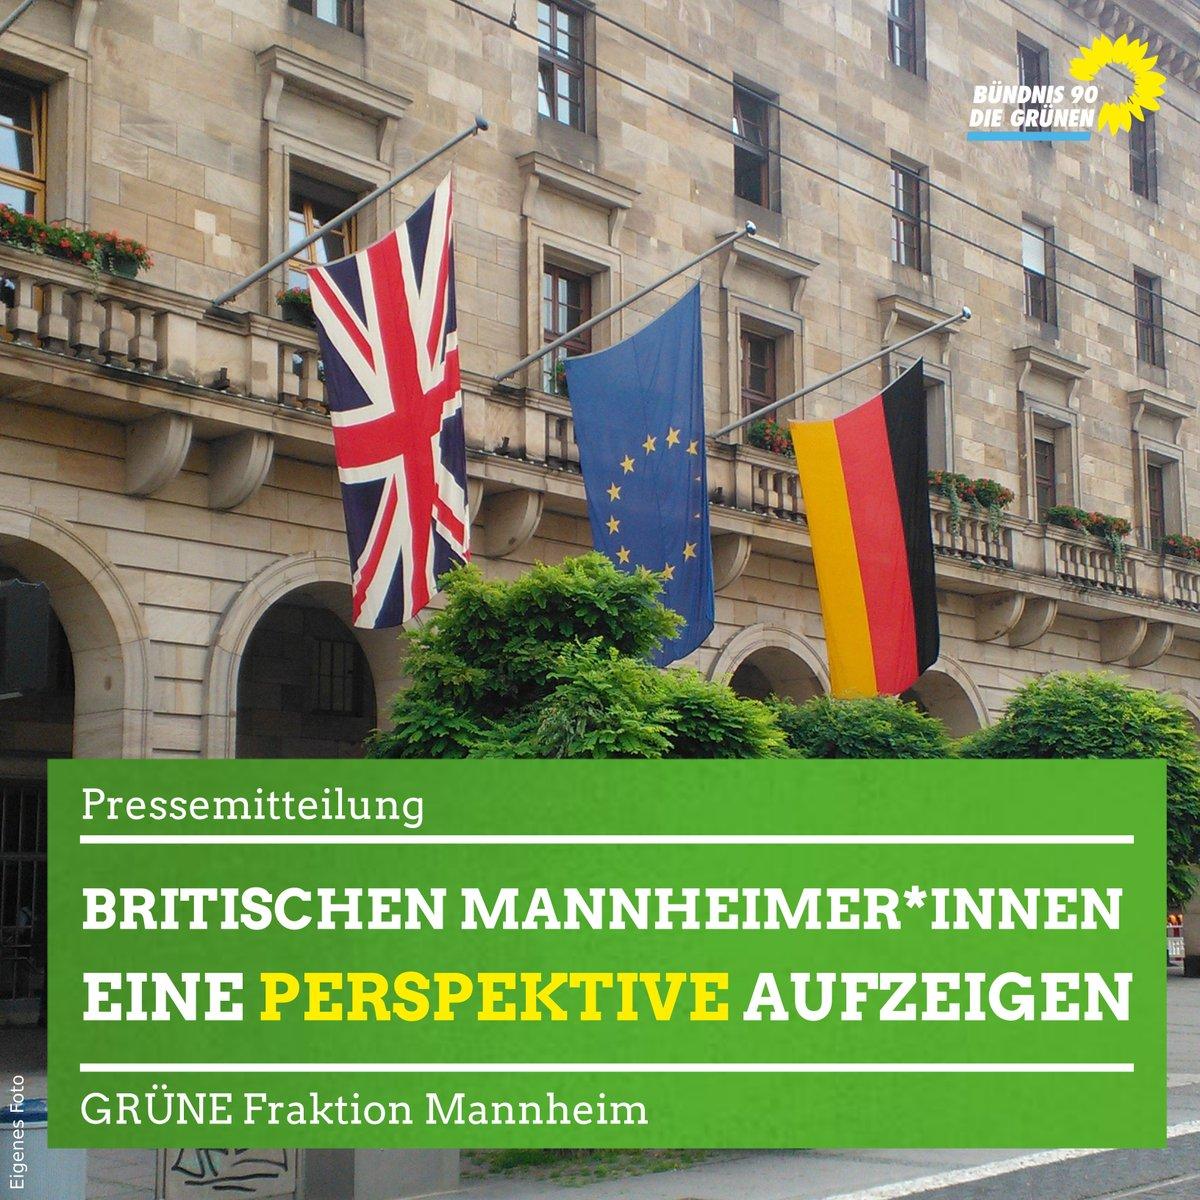 Britische und Europäische Fahne vor dem Mannheimer Rathaus